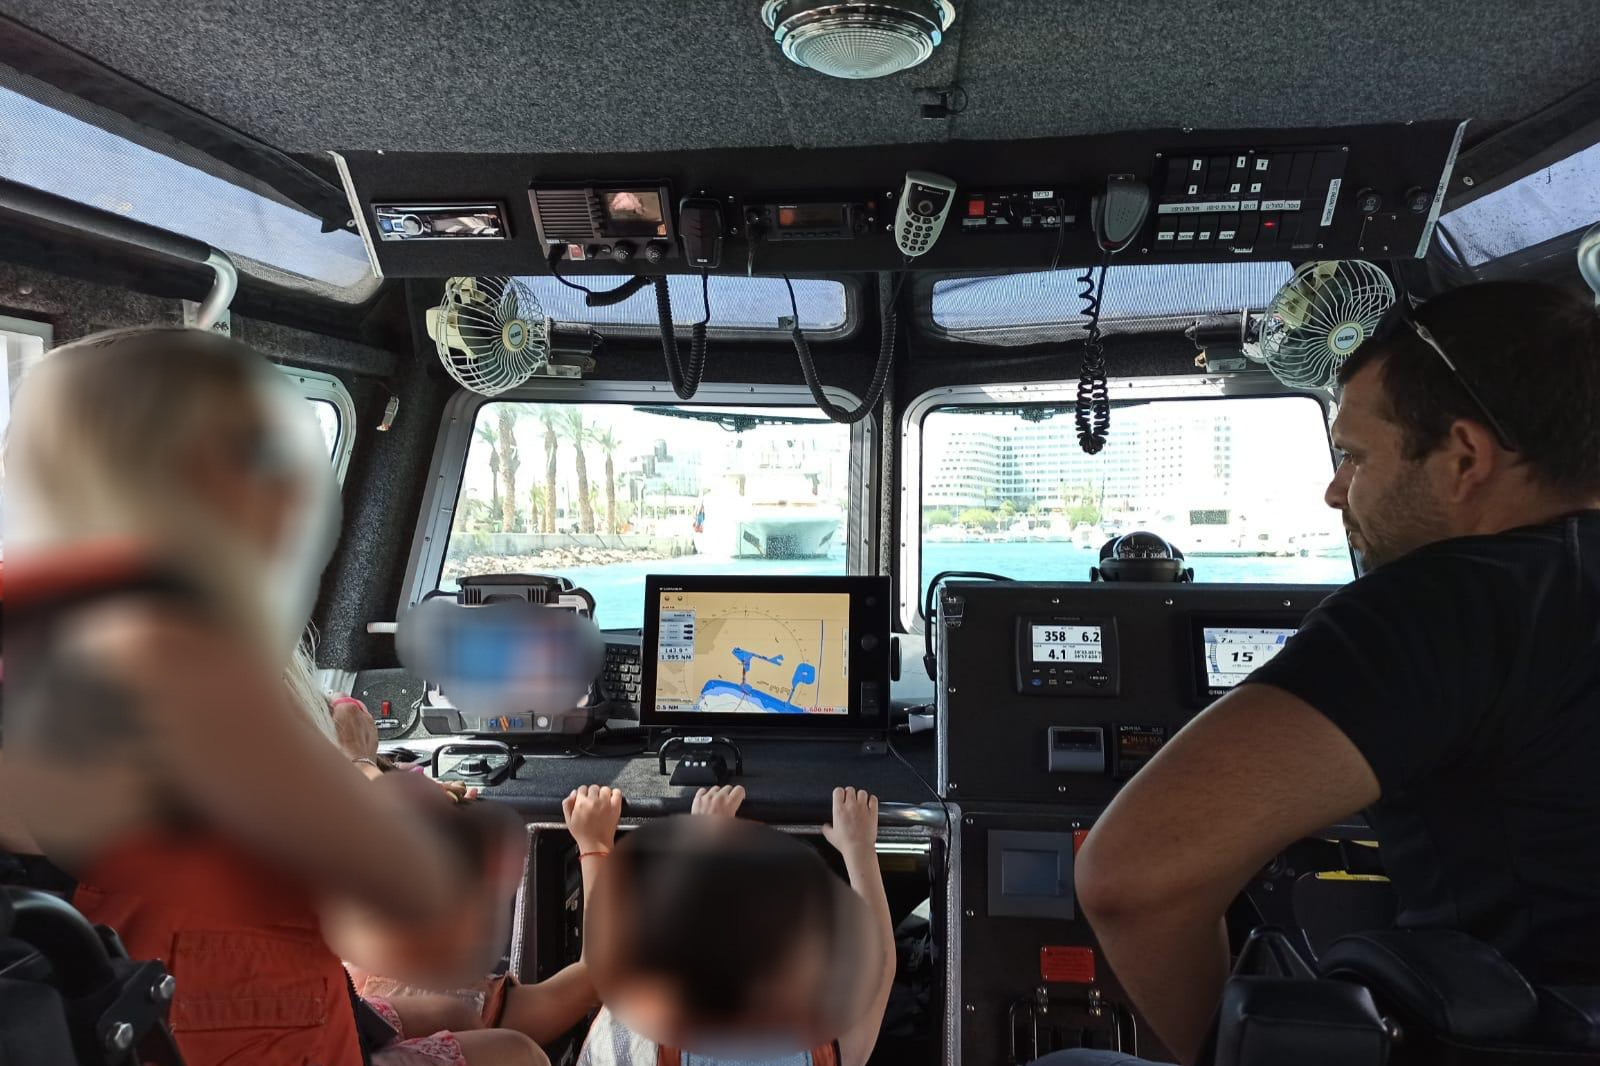 שוטרי השיטור הימי באילת חילוץ ספינה ועליה משפחה וילדים שנסחפה לחוף האלמוגים